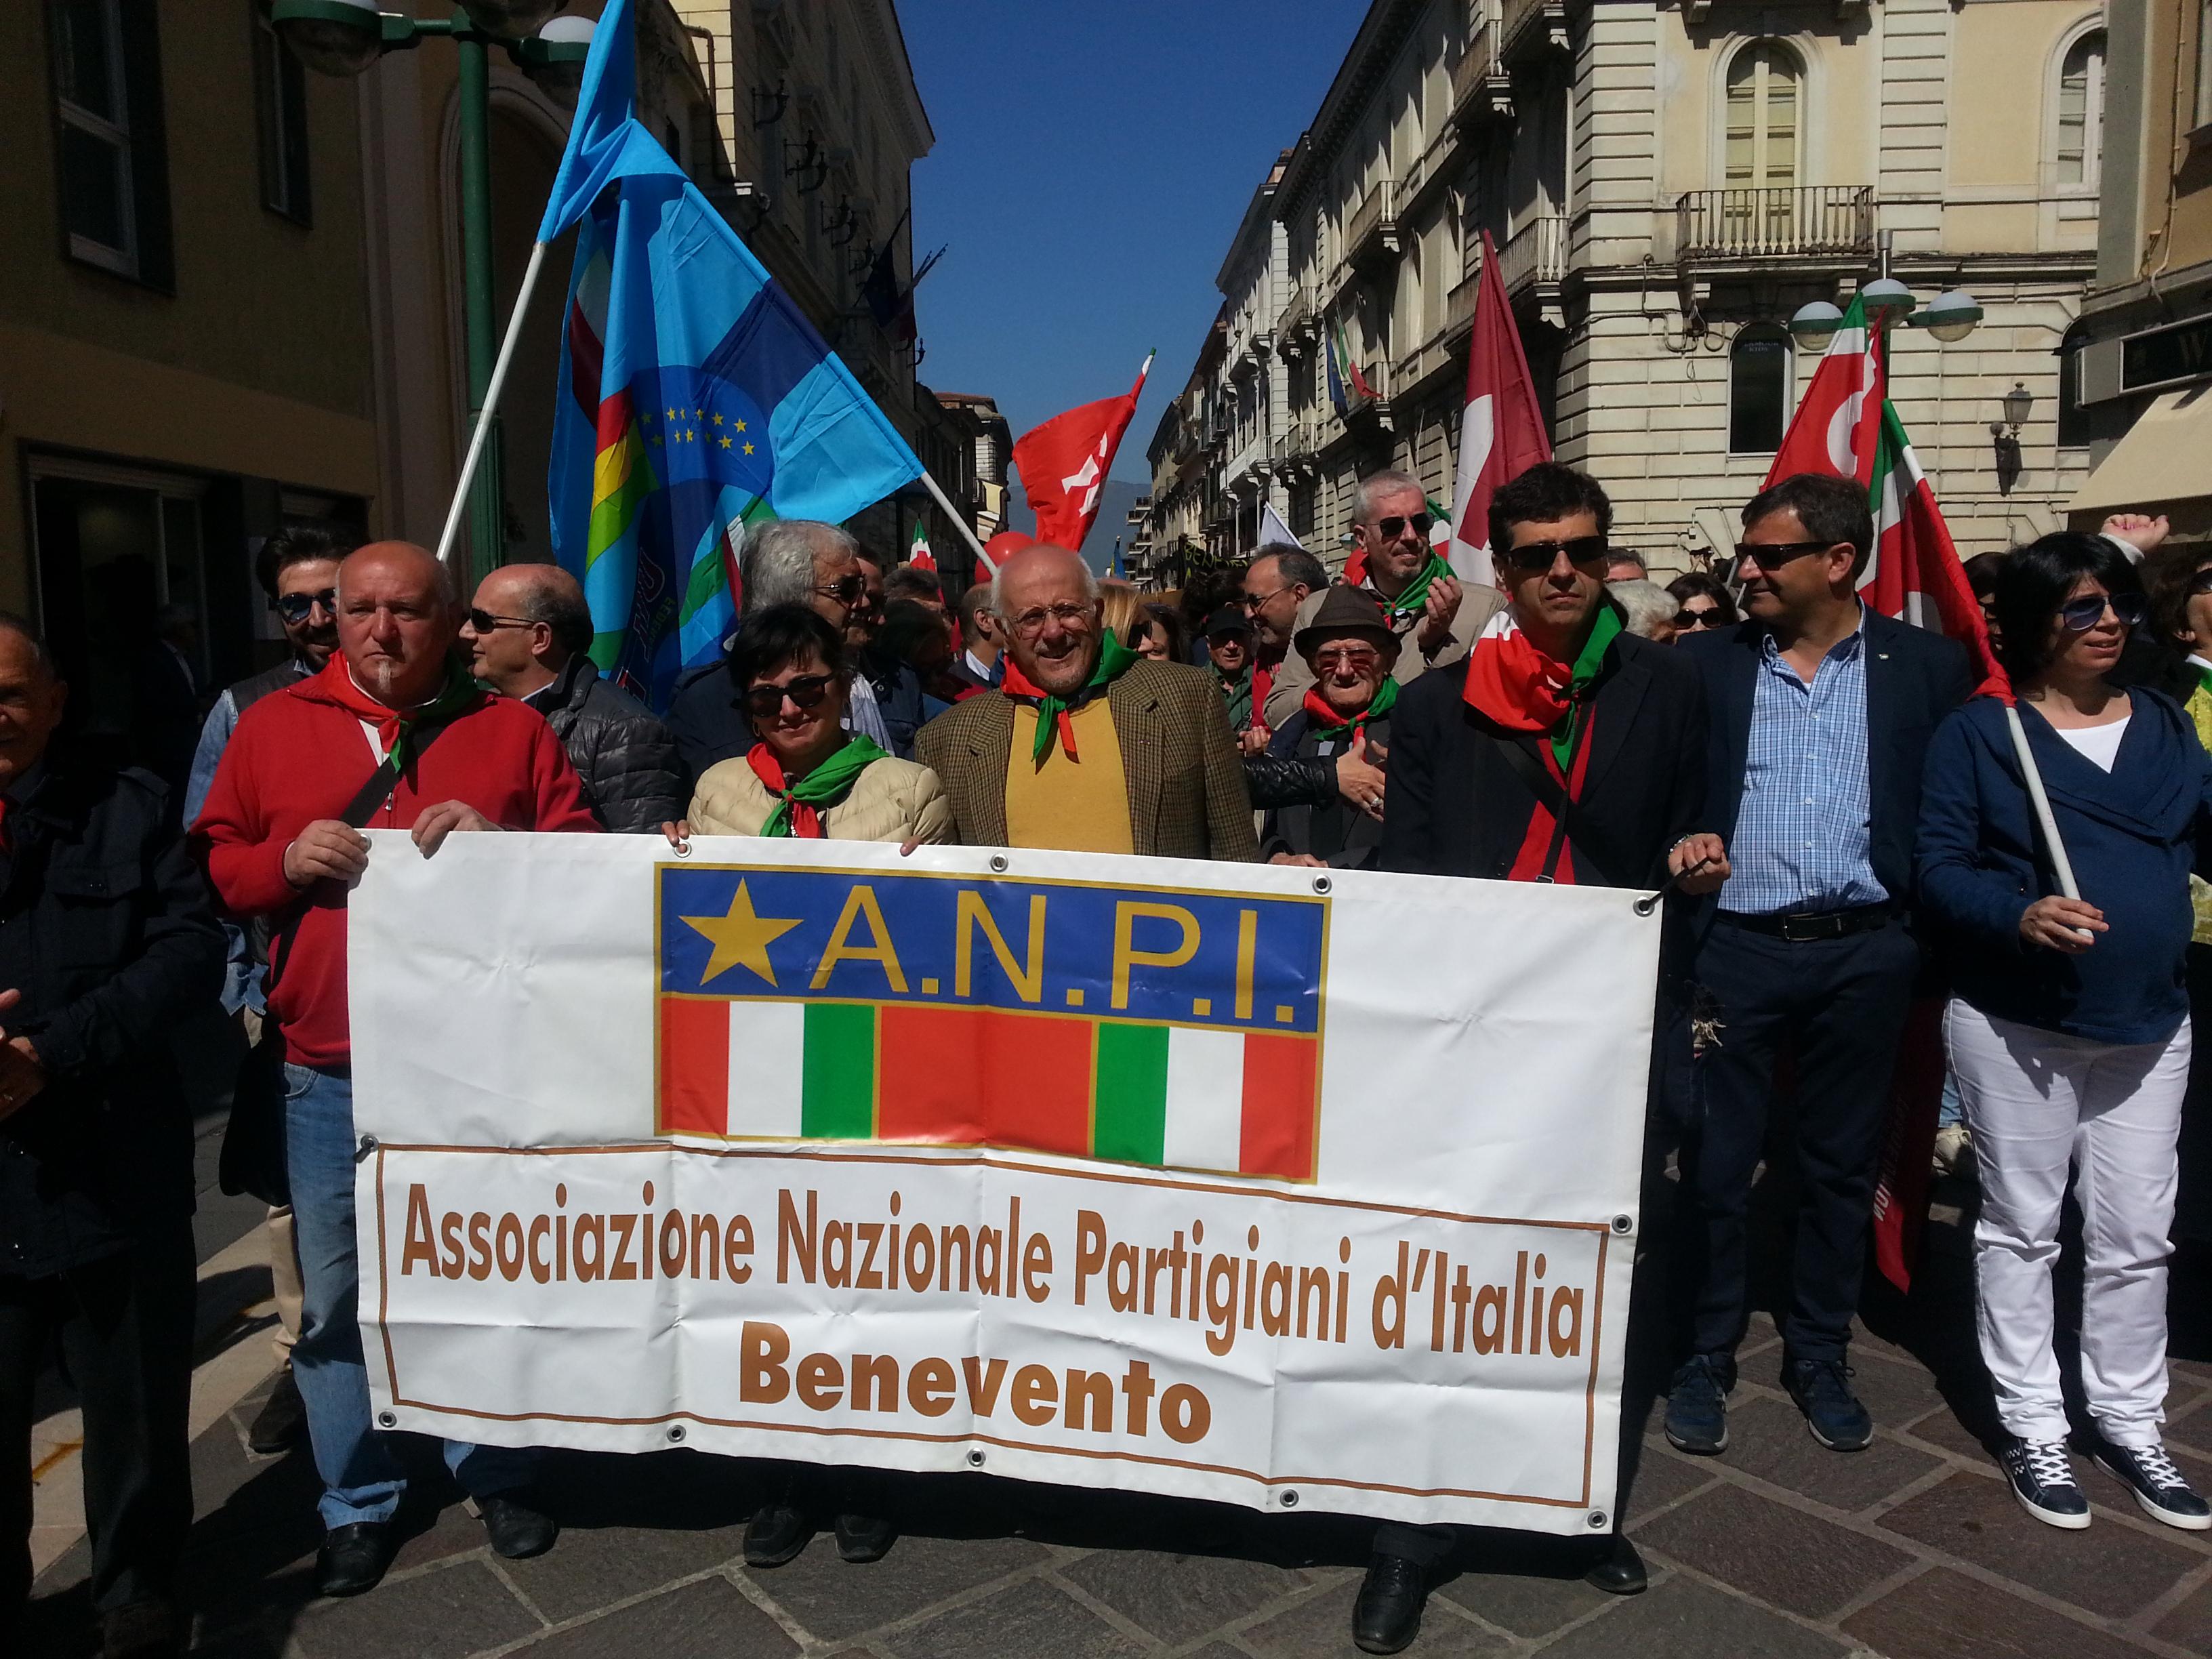 Benevento| ANPI, Forza Nuova organizzazione anticostituzionale